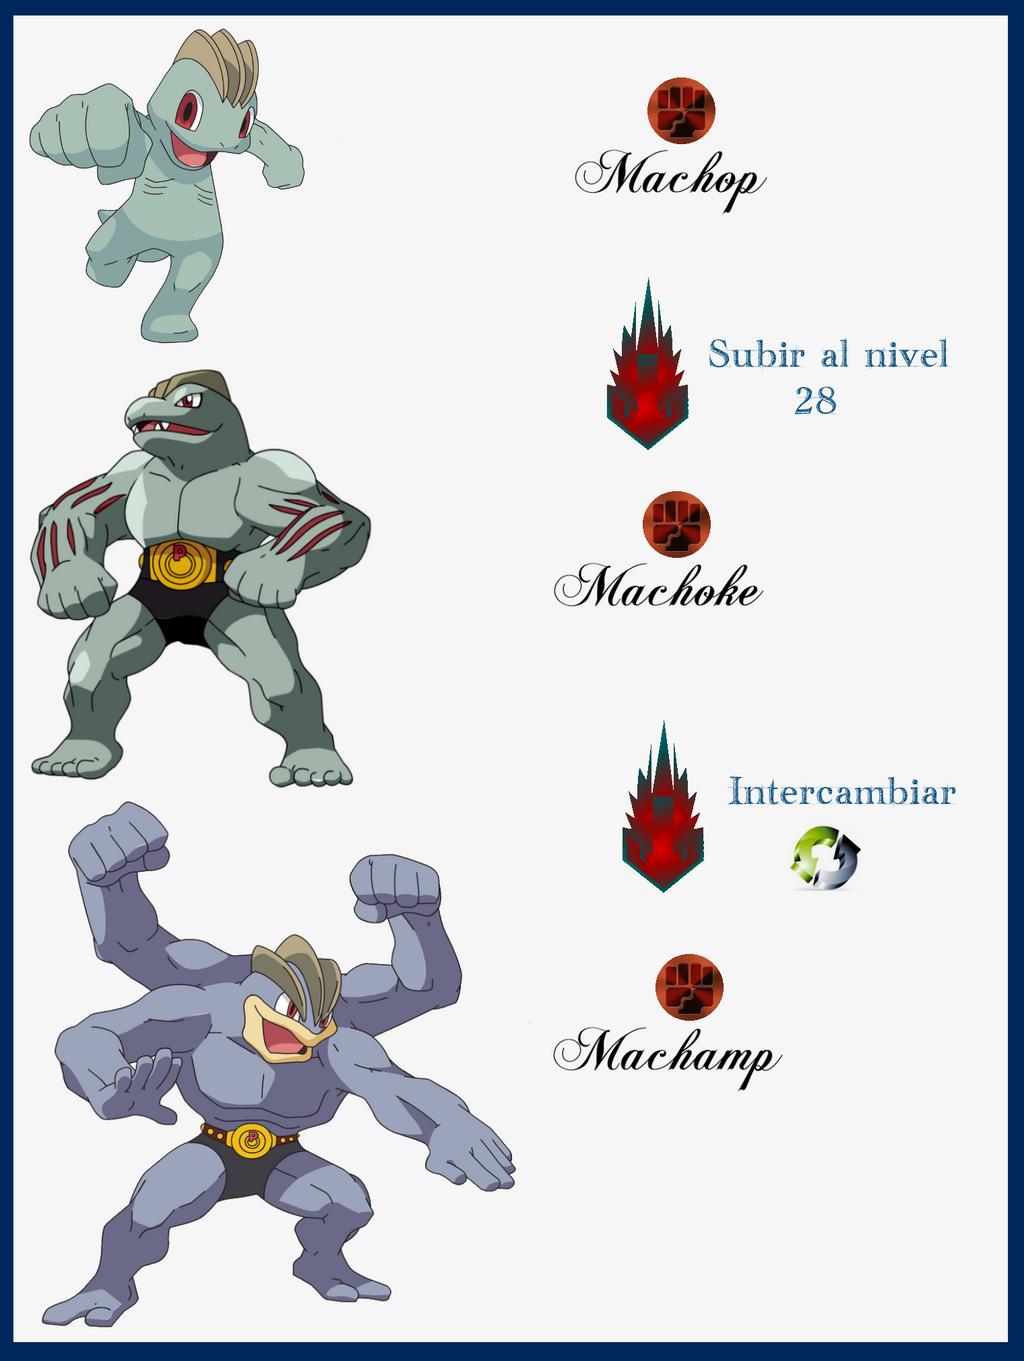 Evolution of machop